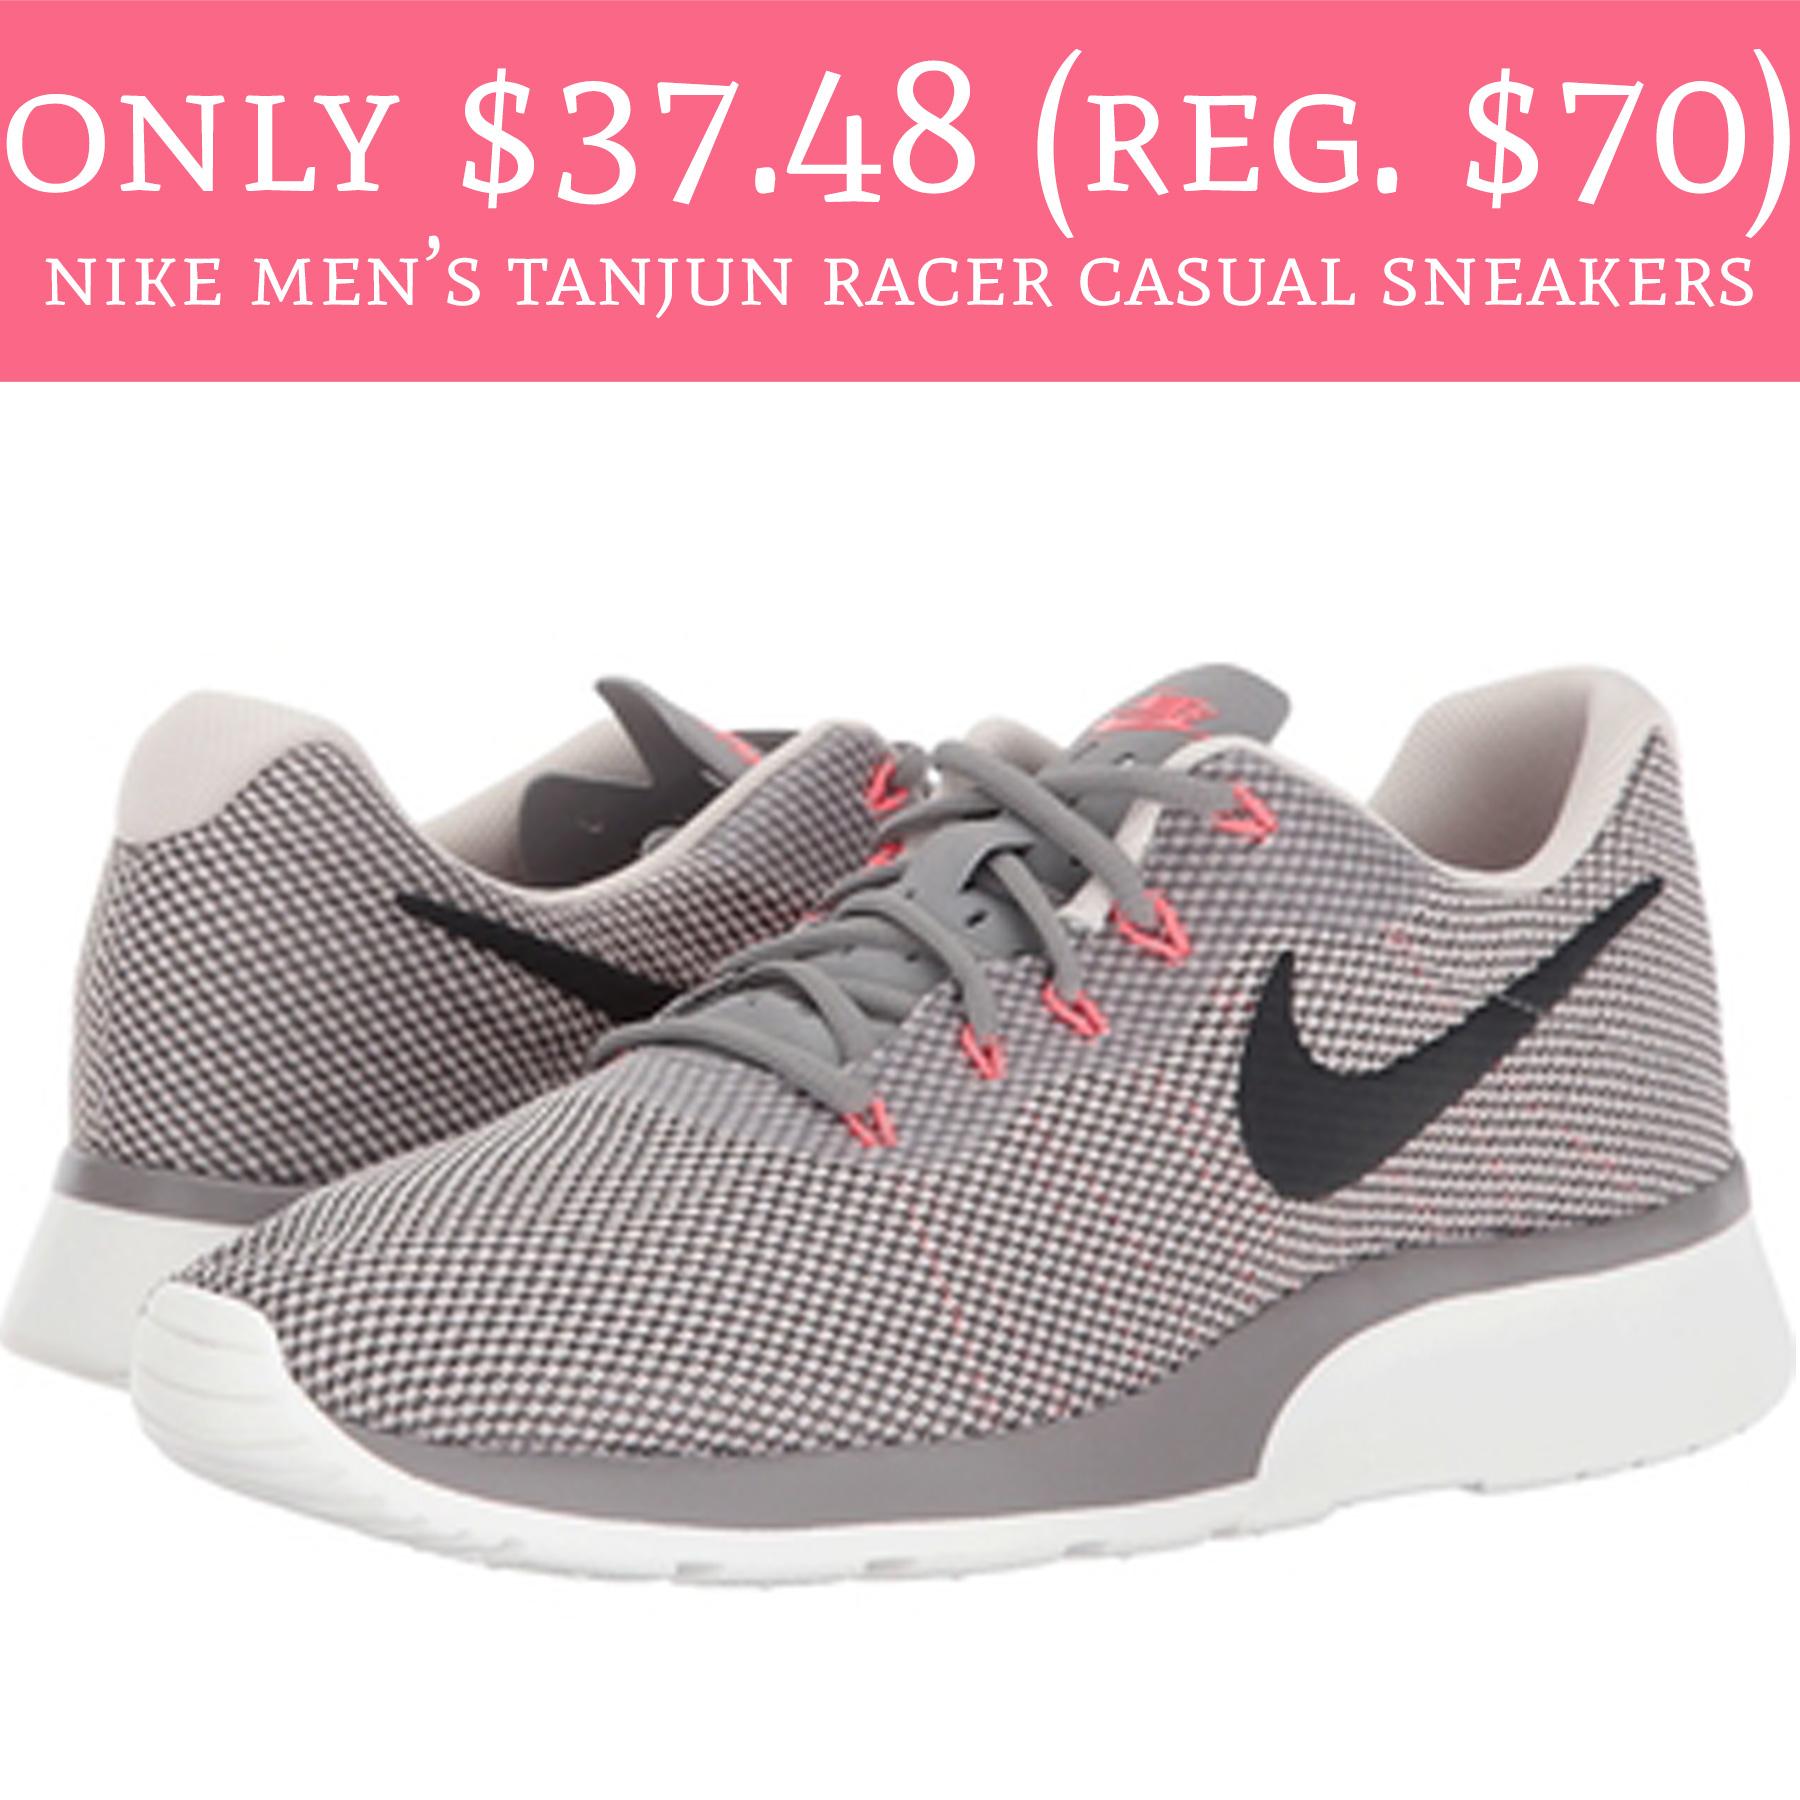 84b2efca2dc Only  37.48 (Regular  70) Nike Men s Tanjun Racer Casual Sneakers ...